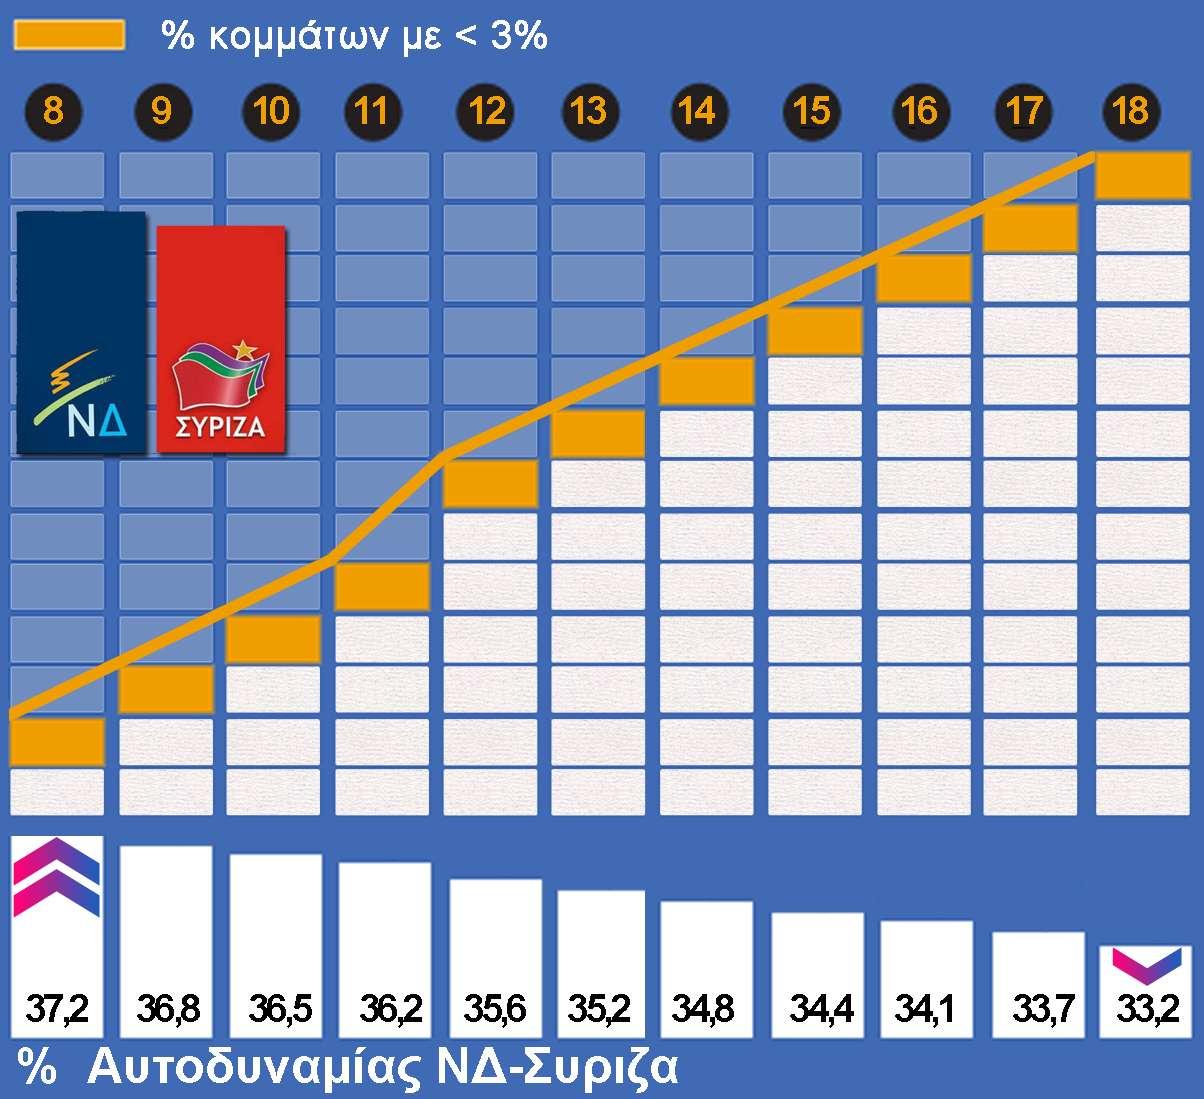 Εθνικές εκλογές 2019 % - Γράφημα 1ο